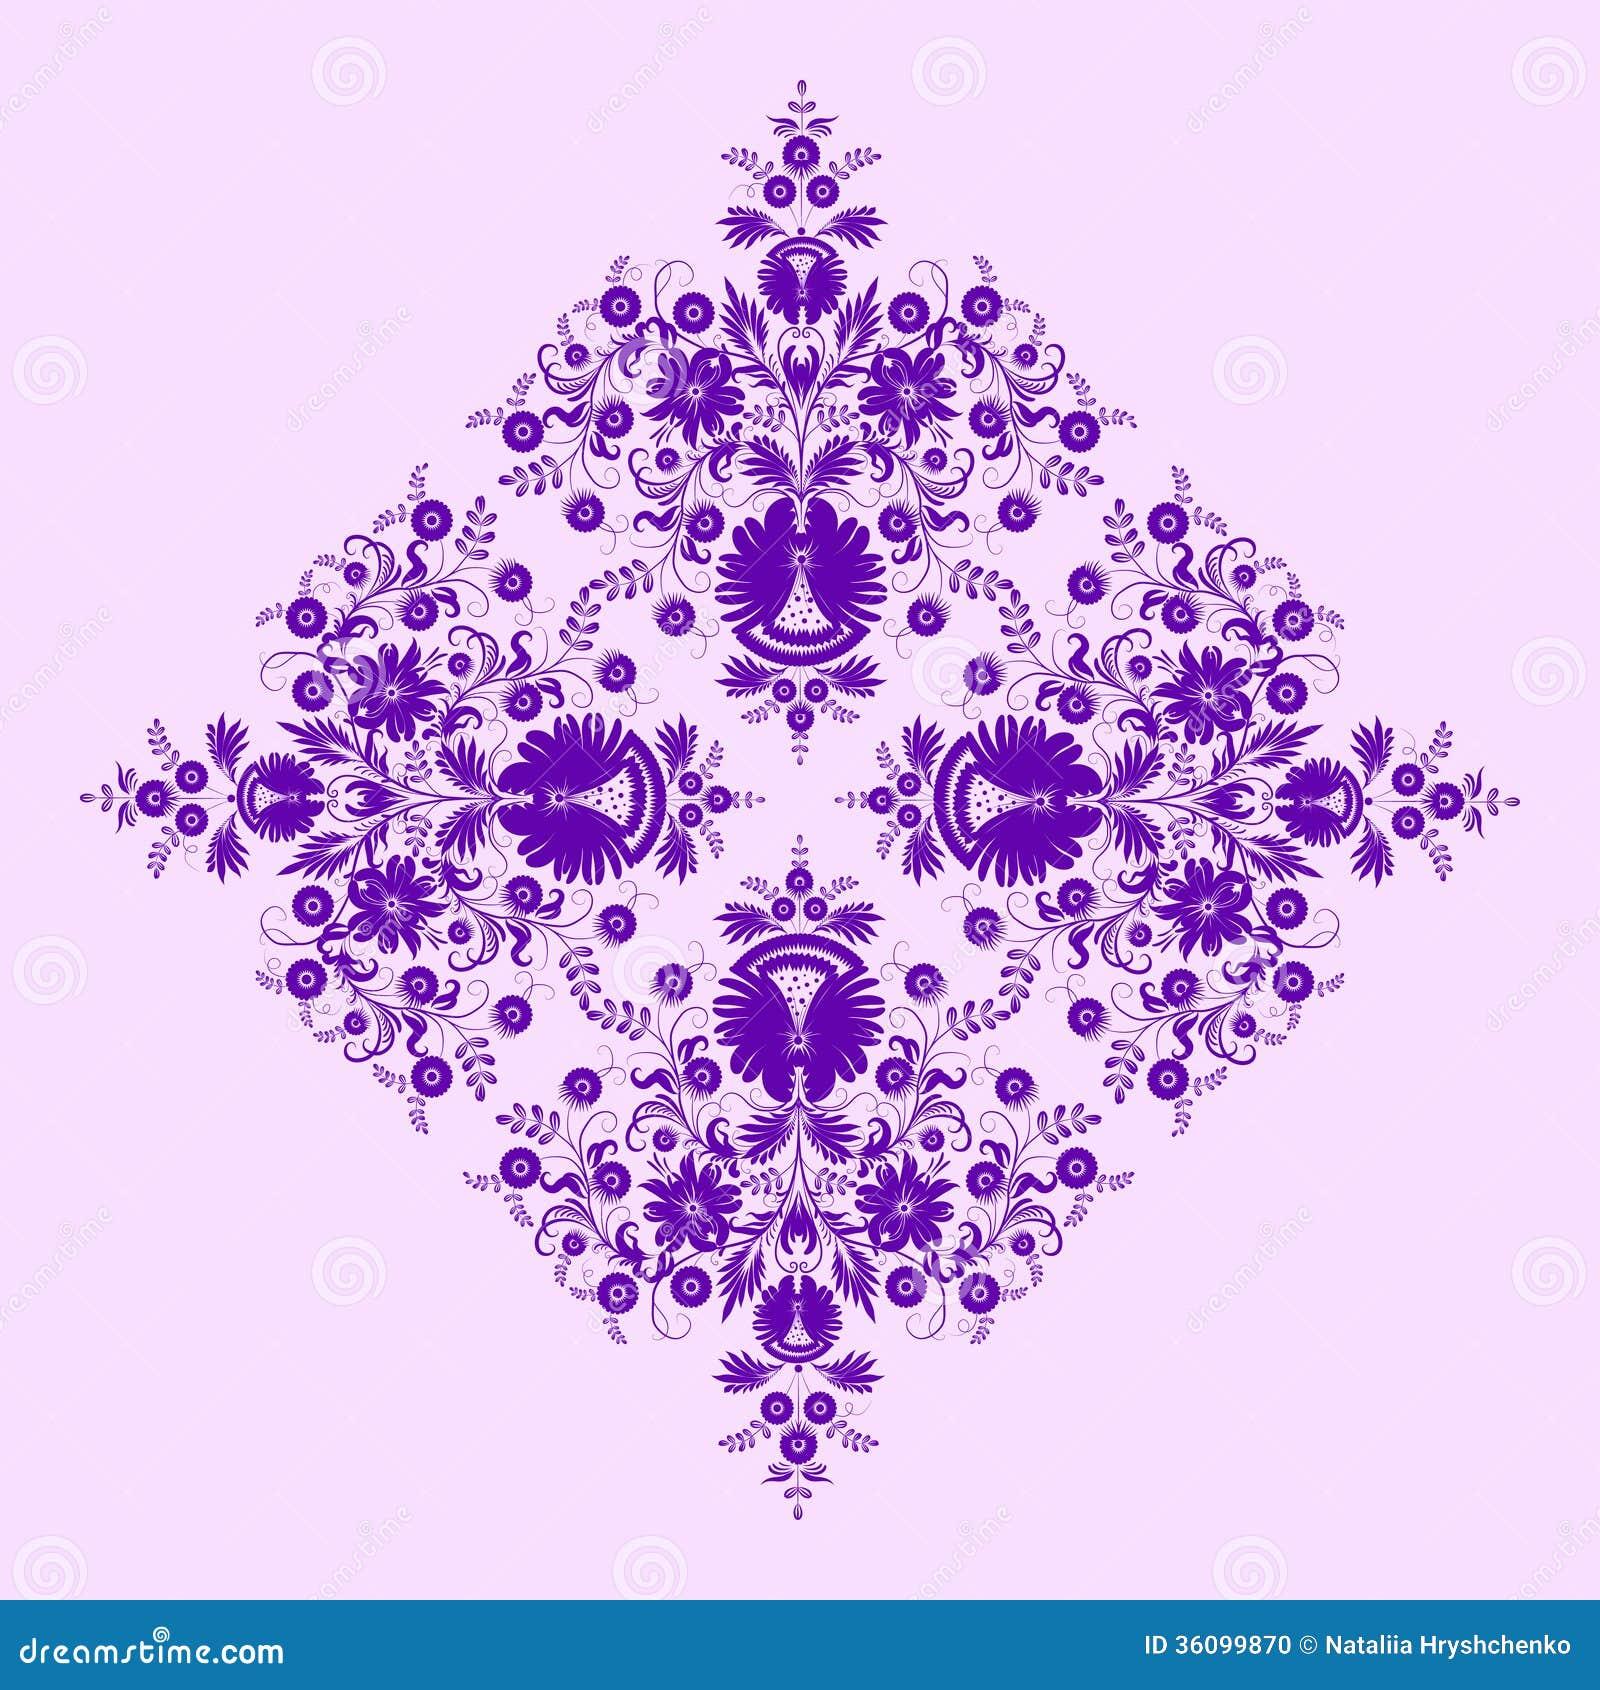 elegant filigree background with - photo #14